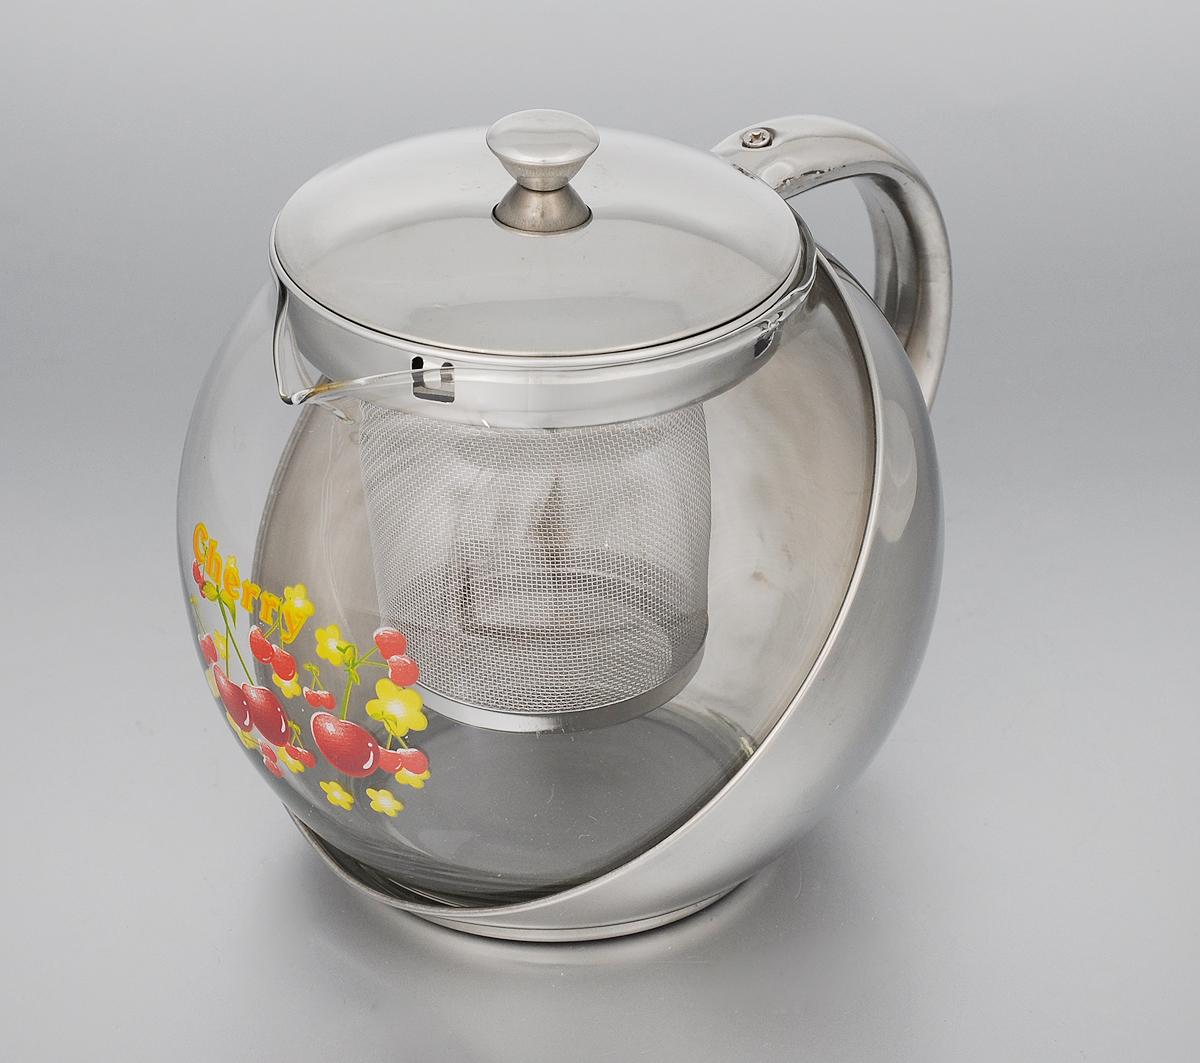 Чайник заварочный Mayer & Boch Вишня, с фильтром, 900 мл2026_вишняИзящный и современный стиль чайника Mayer & Boch Вишня прекрасно подчеркнет декор любой кухни. Стеклянный корпус и съемный фильтр из нержавеющей стали позволяют быстро и легко очистить чайник. Может быть использован для подачи как горячих, так и холодных напитков. Простой и удобный чайник Mayer & Boch Вишня послужит великолепным подарком для любителей чая. Диаметр чайника (по верхнему краю): 8,5 см. Высота чайника (без учета крышки): 12 см. Высота фильтра: 7,5 см.